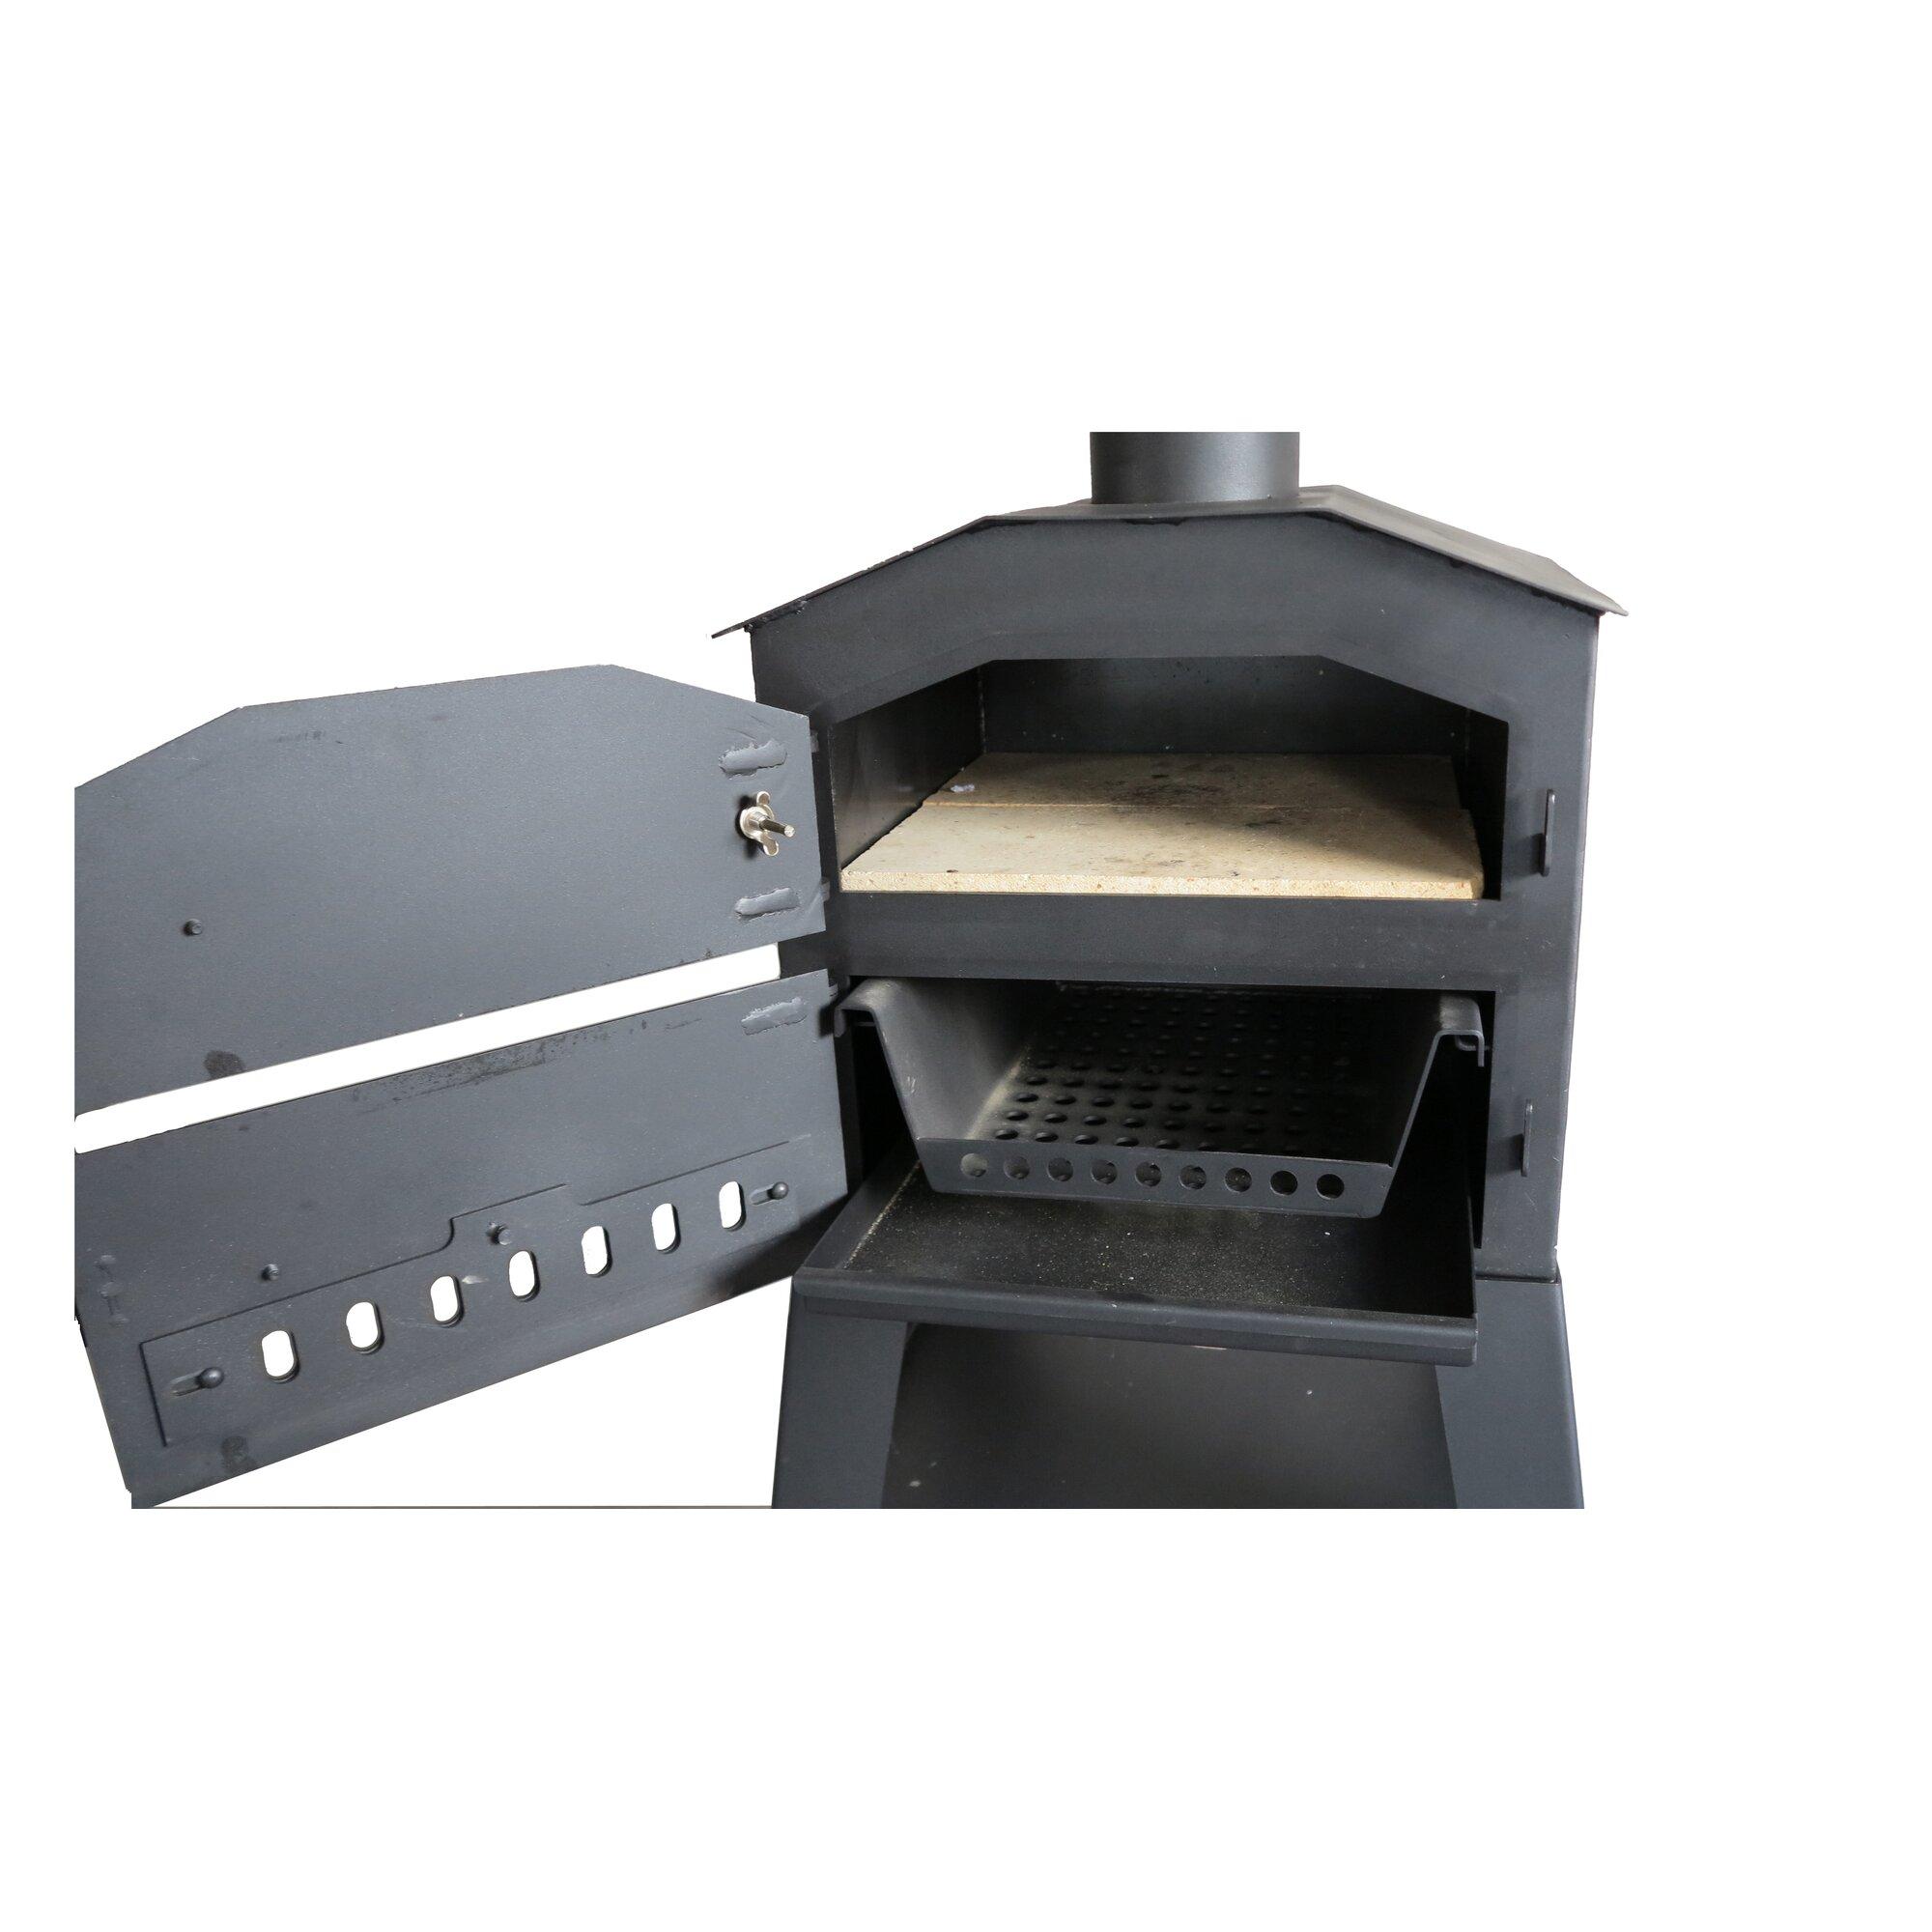 l art du jardin vulcano 1 wood fired oven. Black Bedroom Furniture Sets. Home Design Ideas